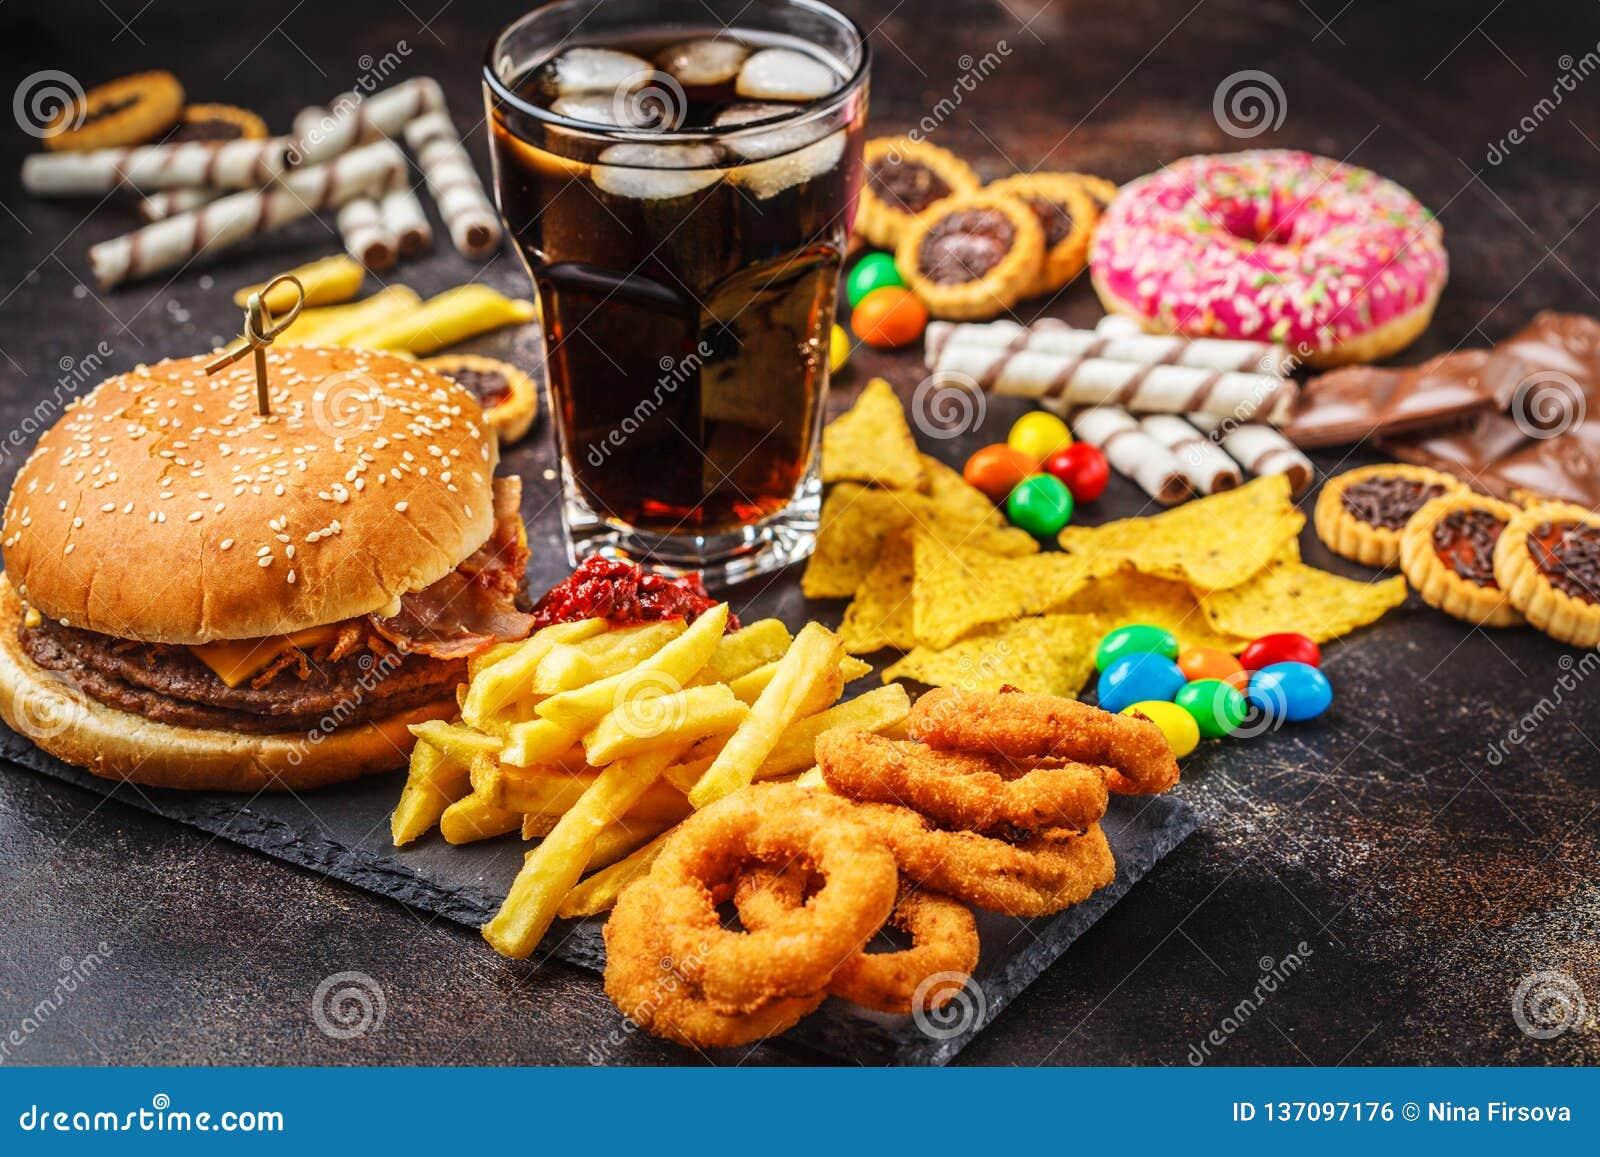 Concepto de la comida basura Fondo malsano de la comida Alimentos de preparación rápida y azúcar Hamburguesa, dulces, microproces